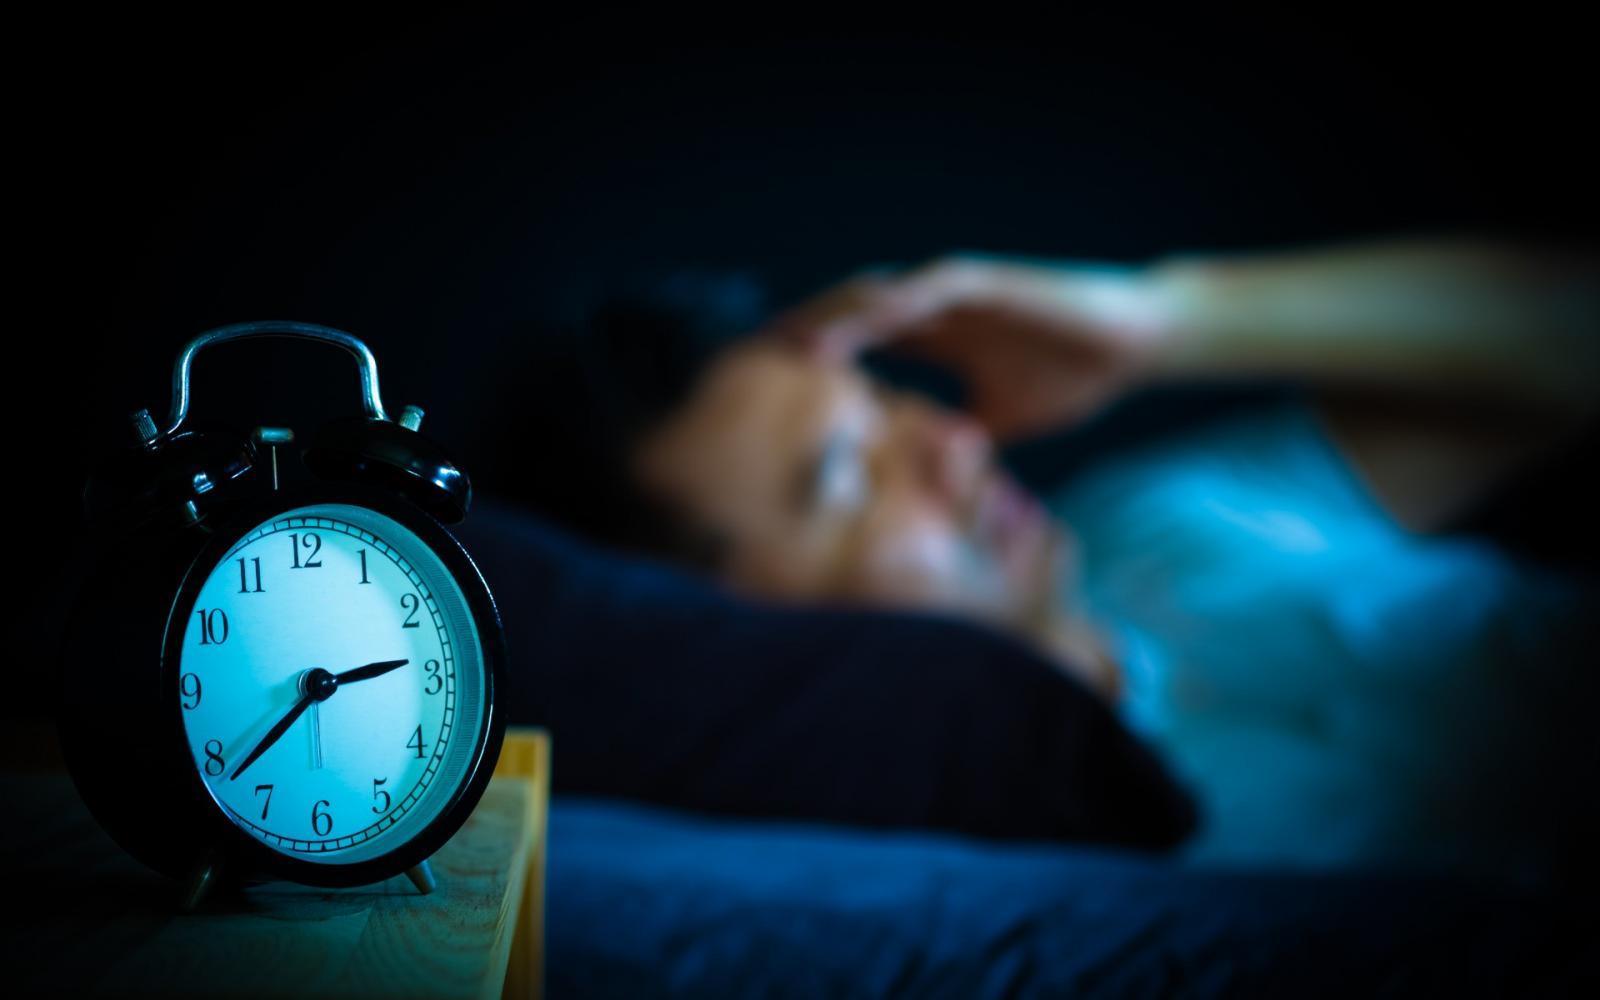 álmatlanság magas vérnyomásban mit kell tenni szükséges-e hipertóniával csökkenteni a vérnyomást